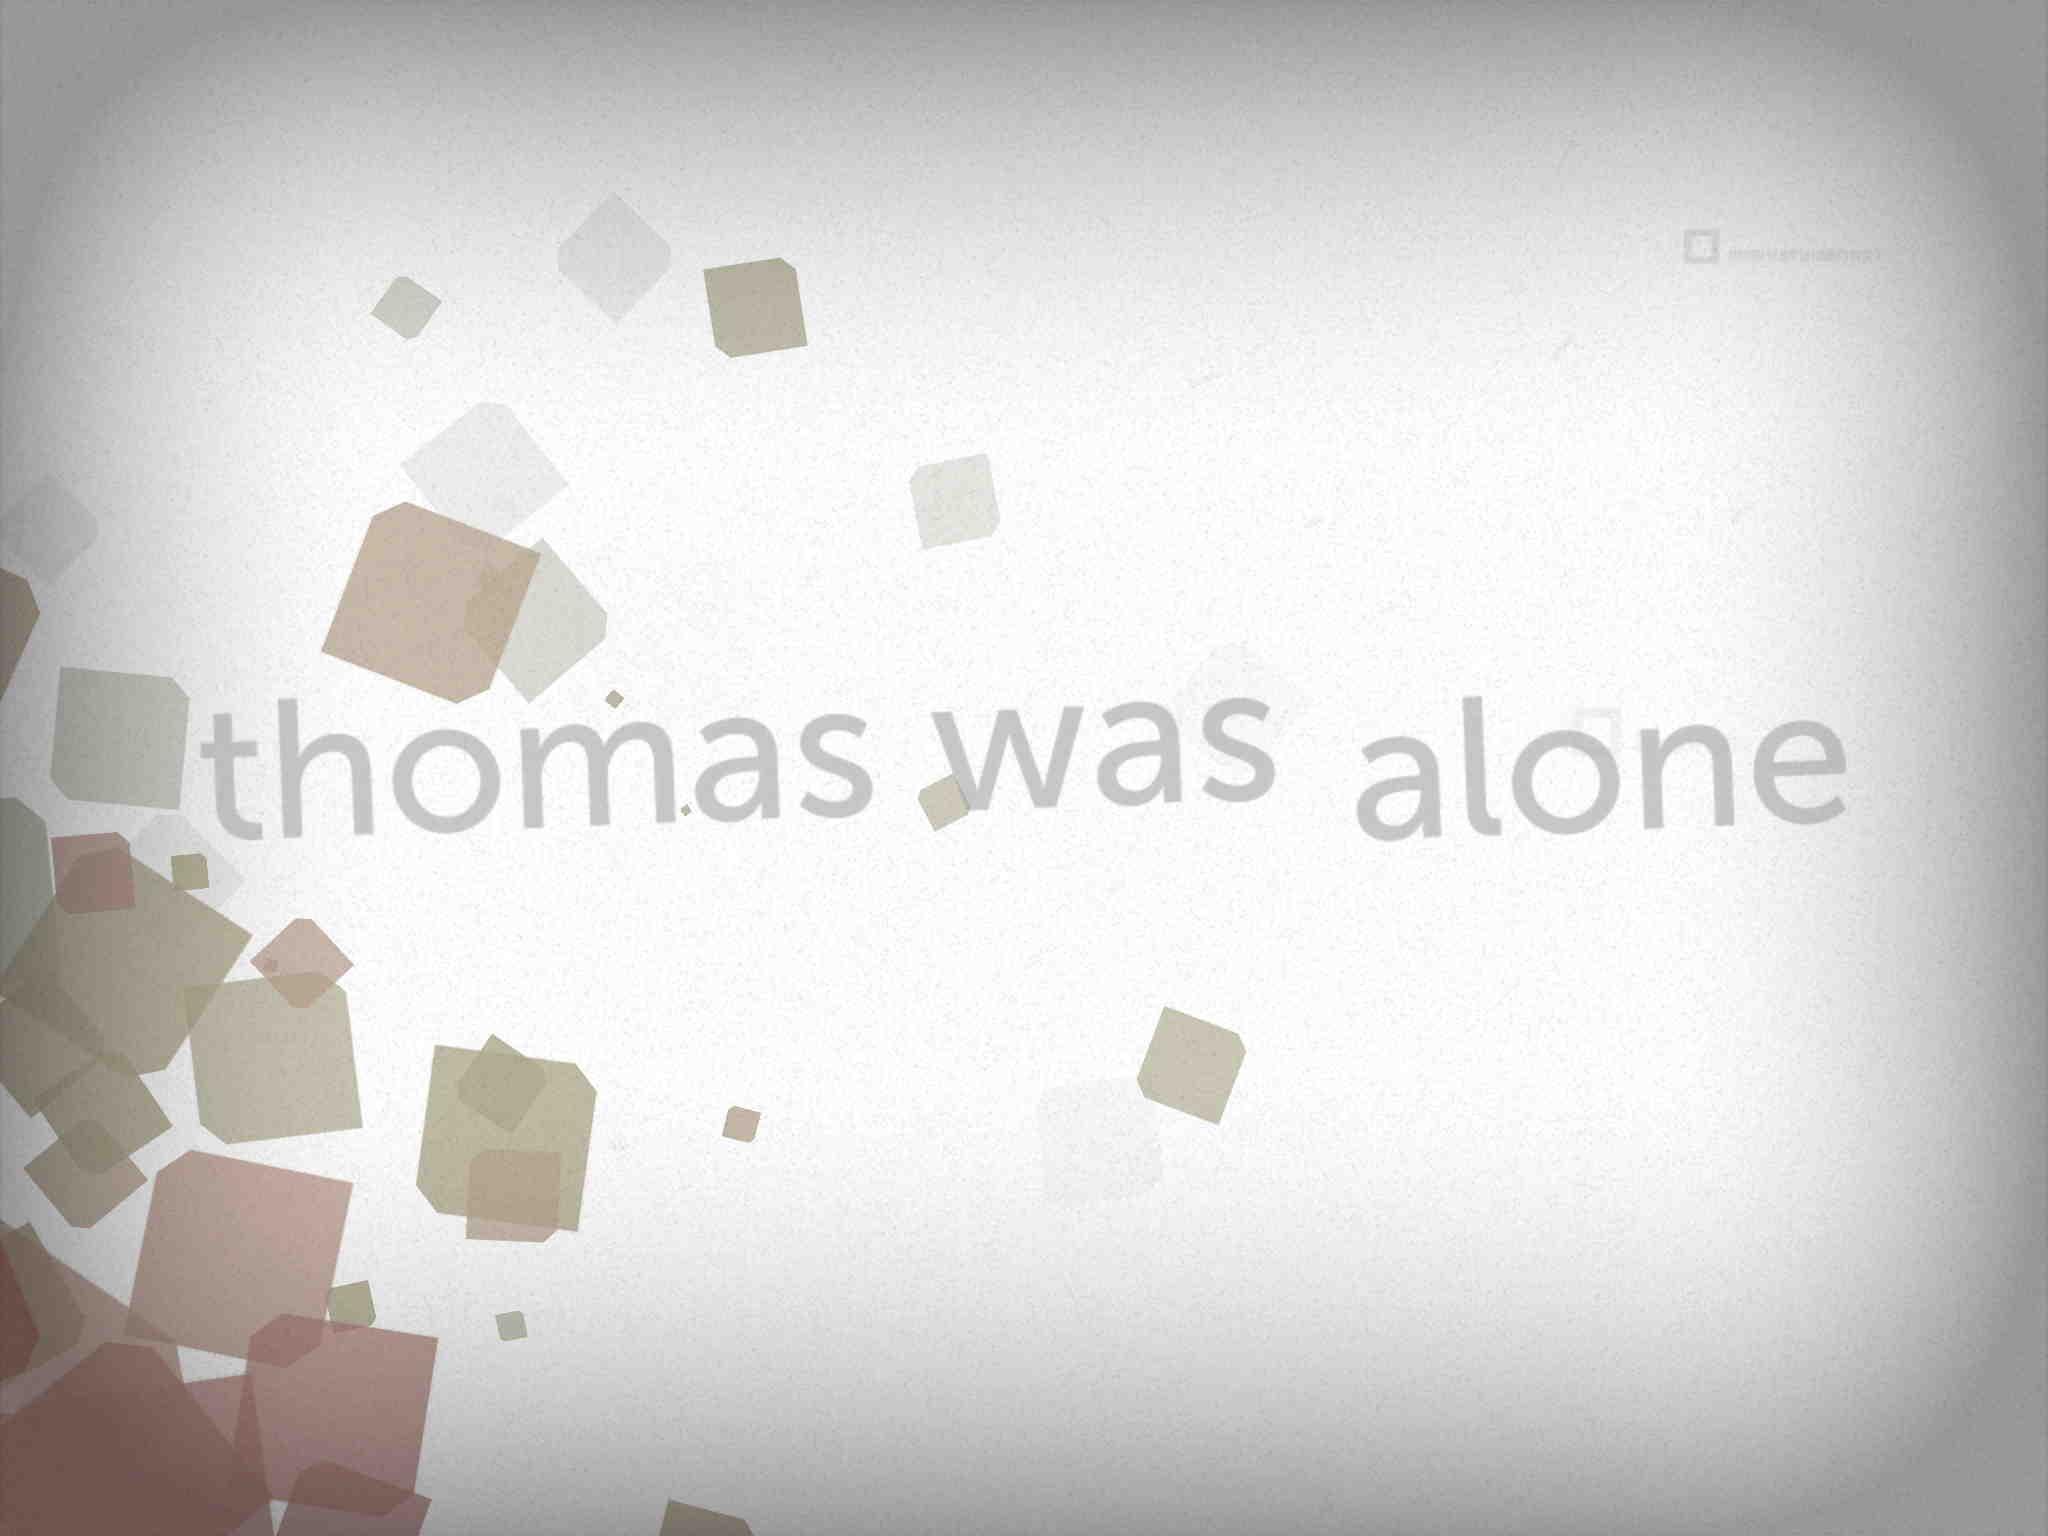 ThomasWasAlone_01